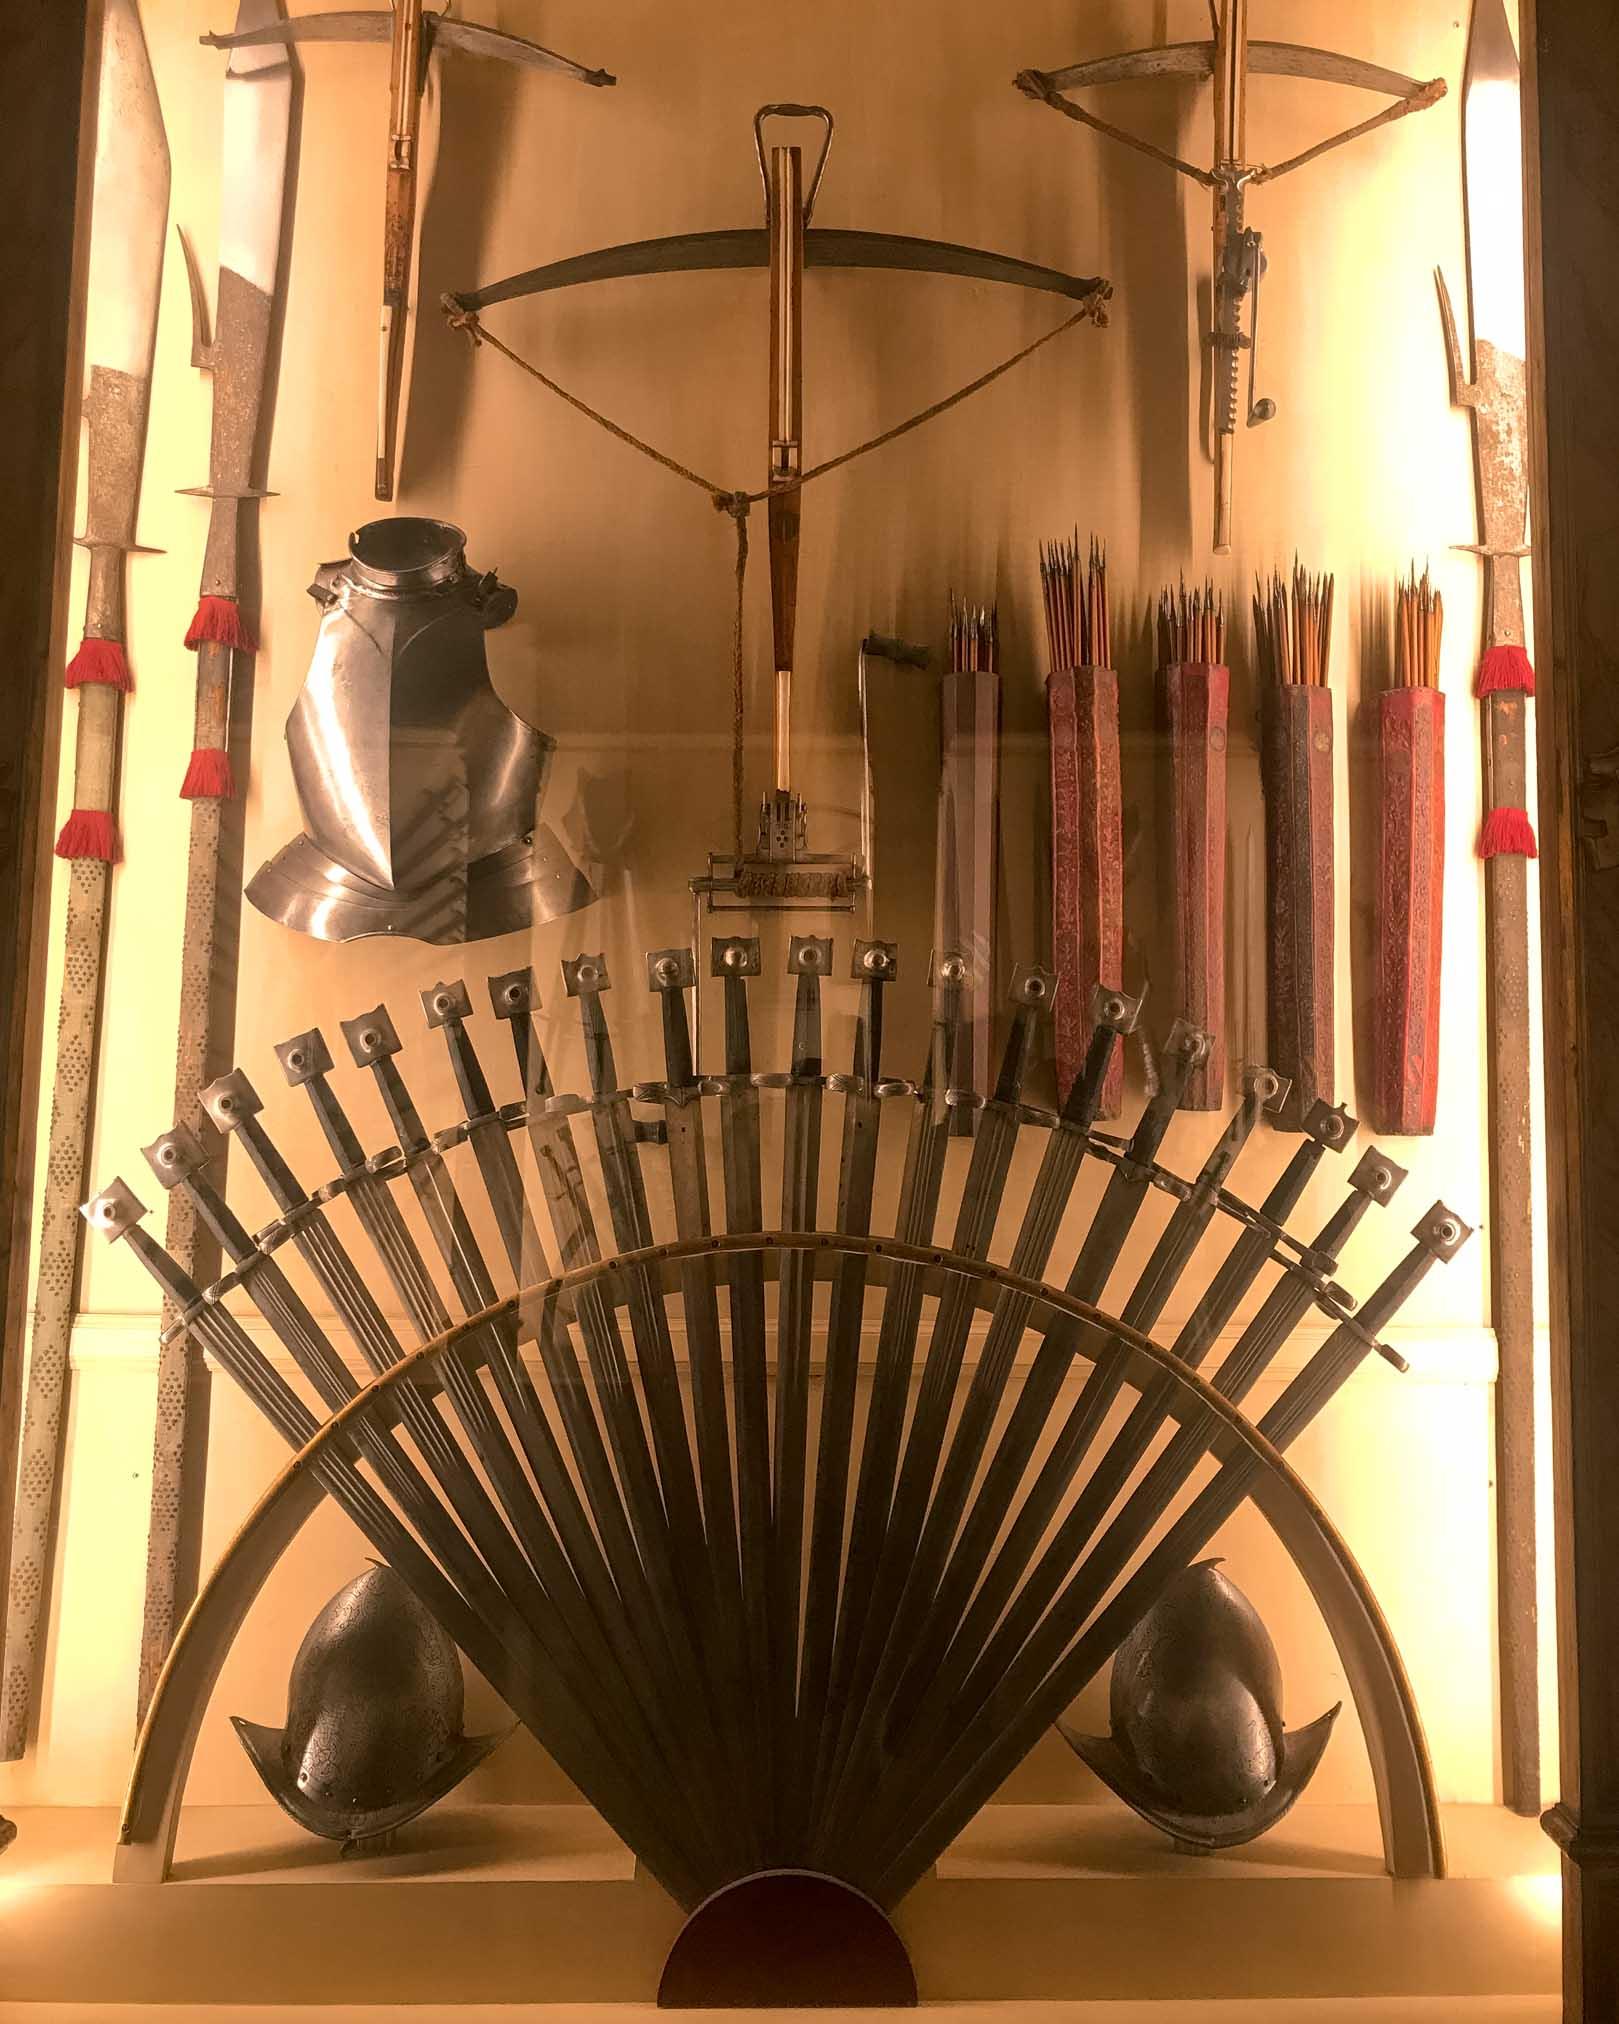 armi antiche nel museo di palazzo ducale